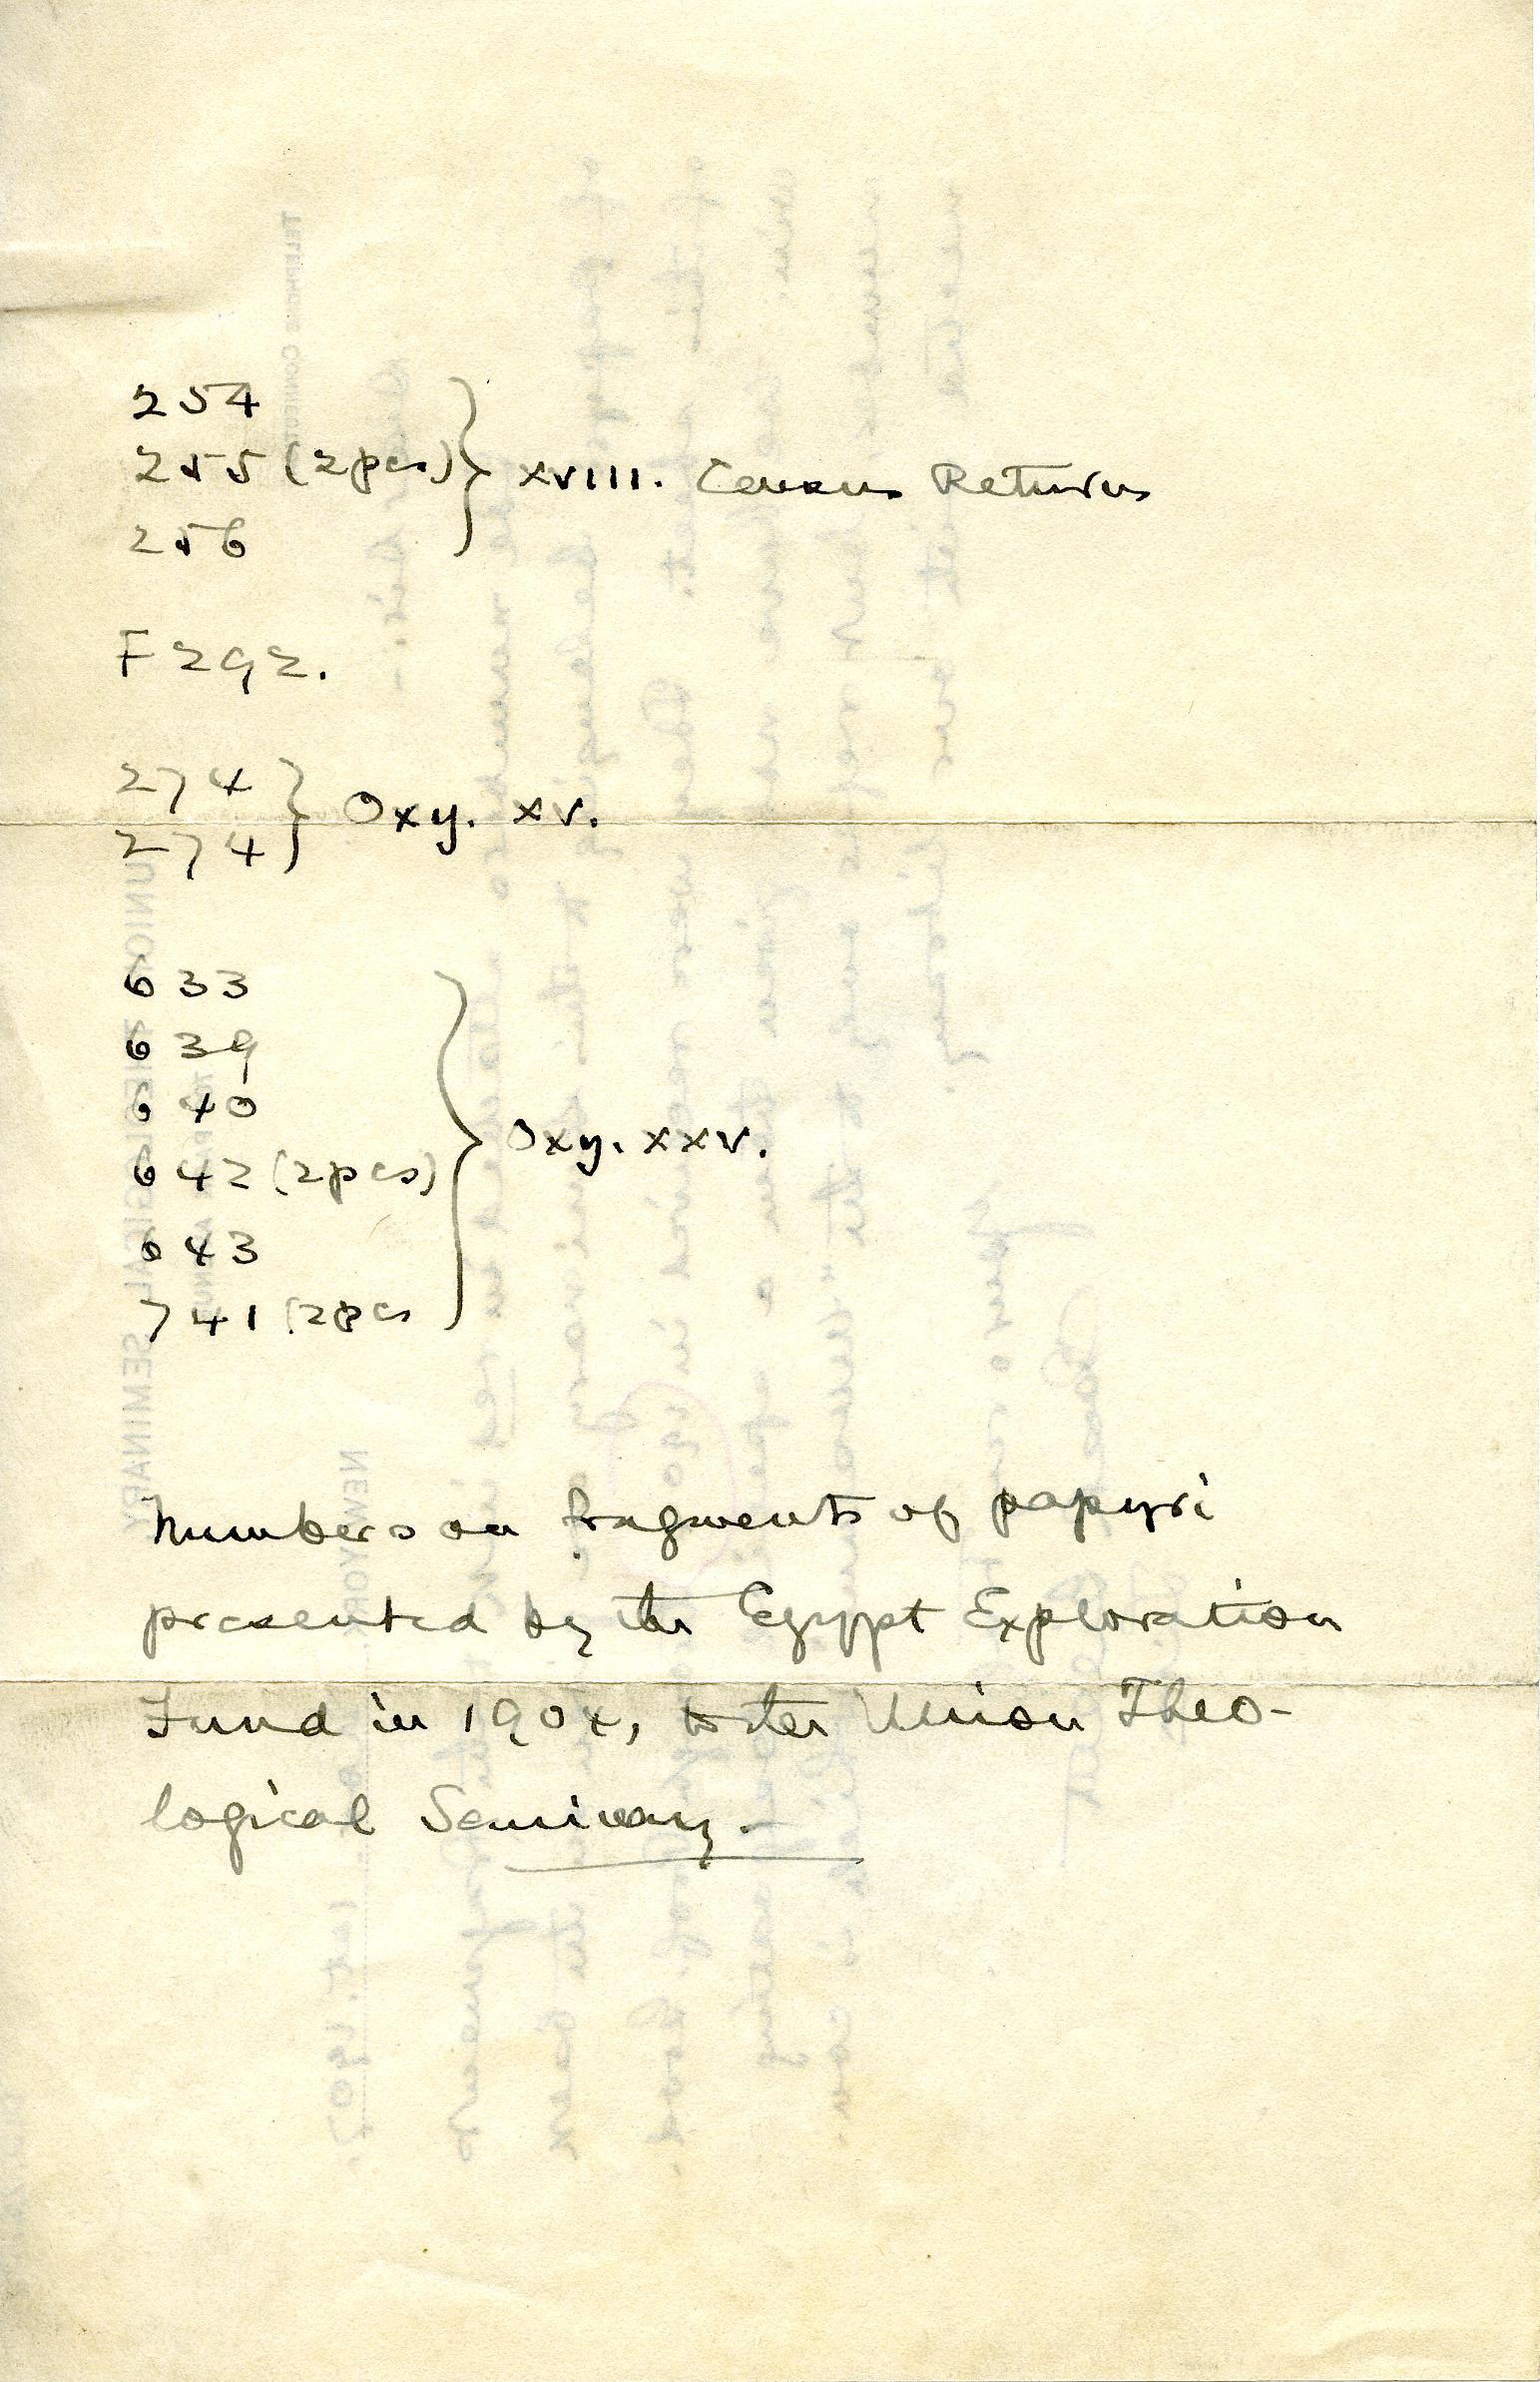 1902-07 Oxyrhynchus, Faiyum, el-Hibeh DIST.22.31b